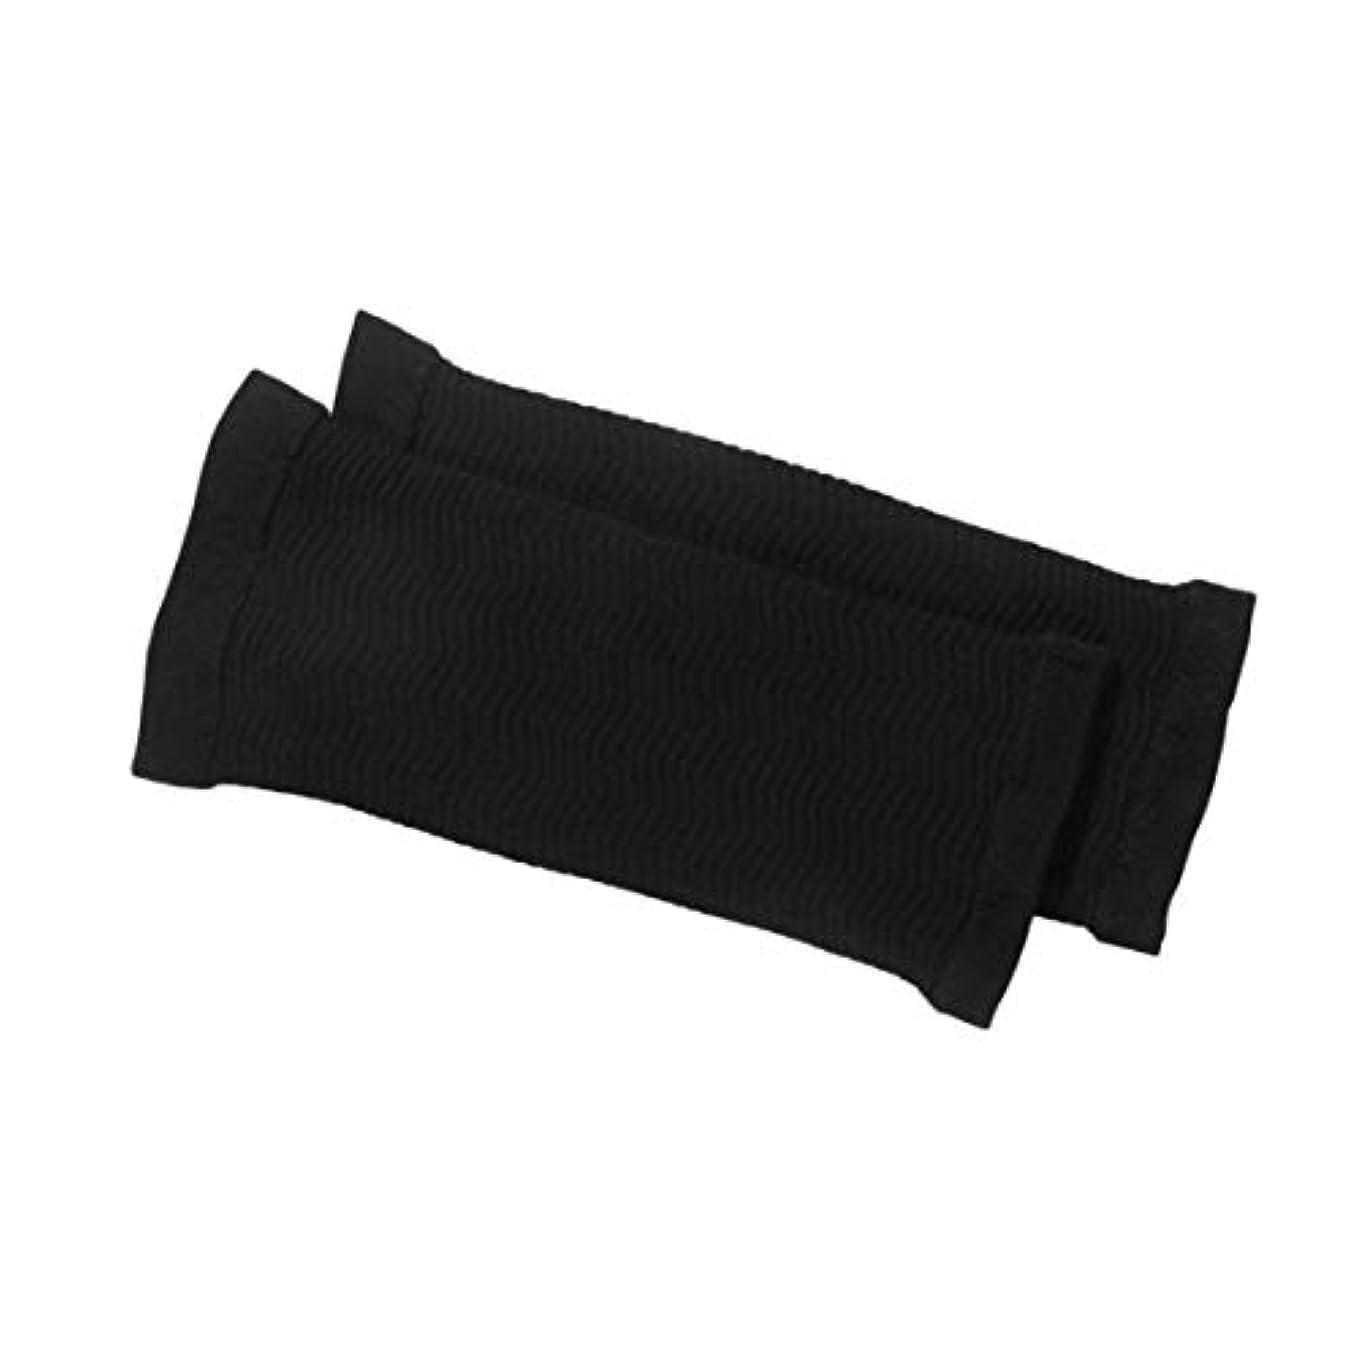 排気理想的には丘1ペア420 D圧縮痩身アームスリーブワークアウトトーニングバーンセルライトシェイパー脂肪燃焼袖用女性 - 黒